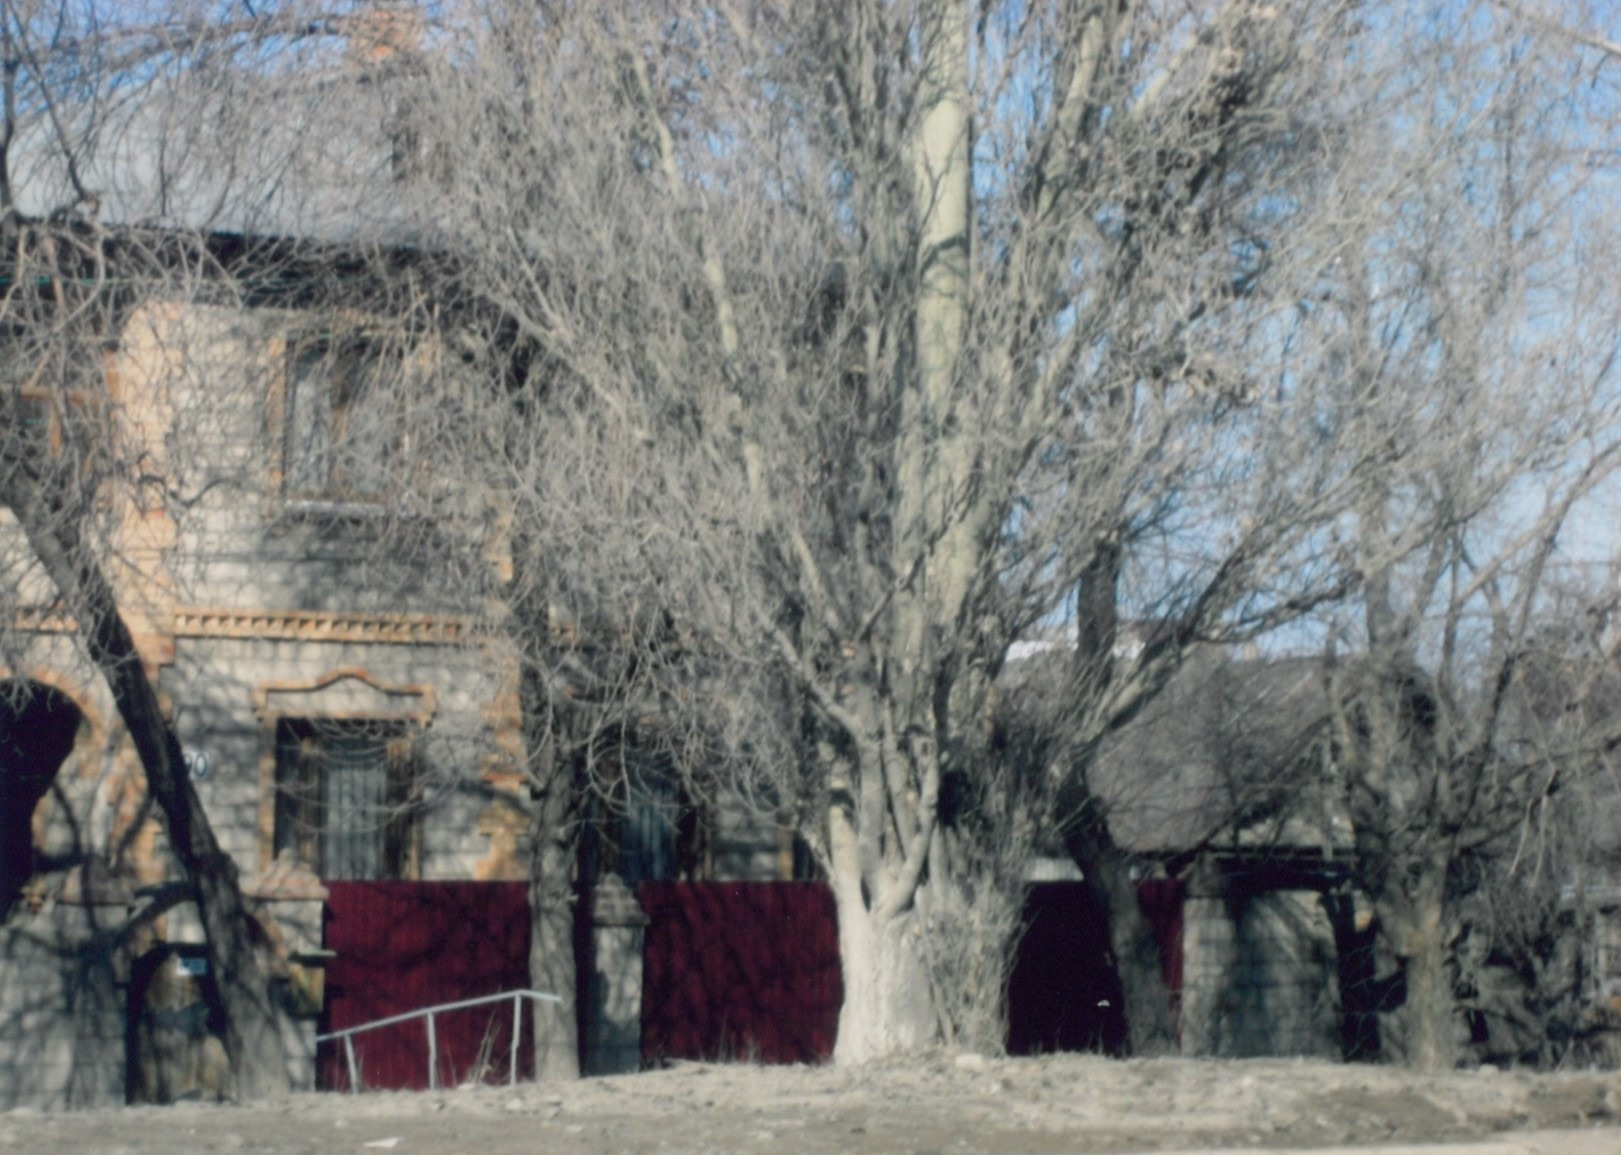 Medis prie namo.